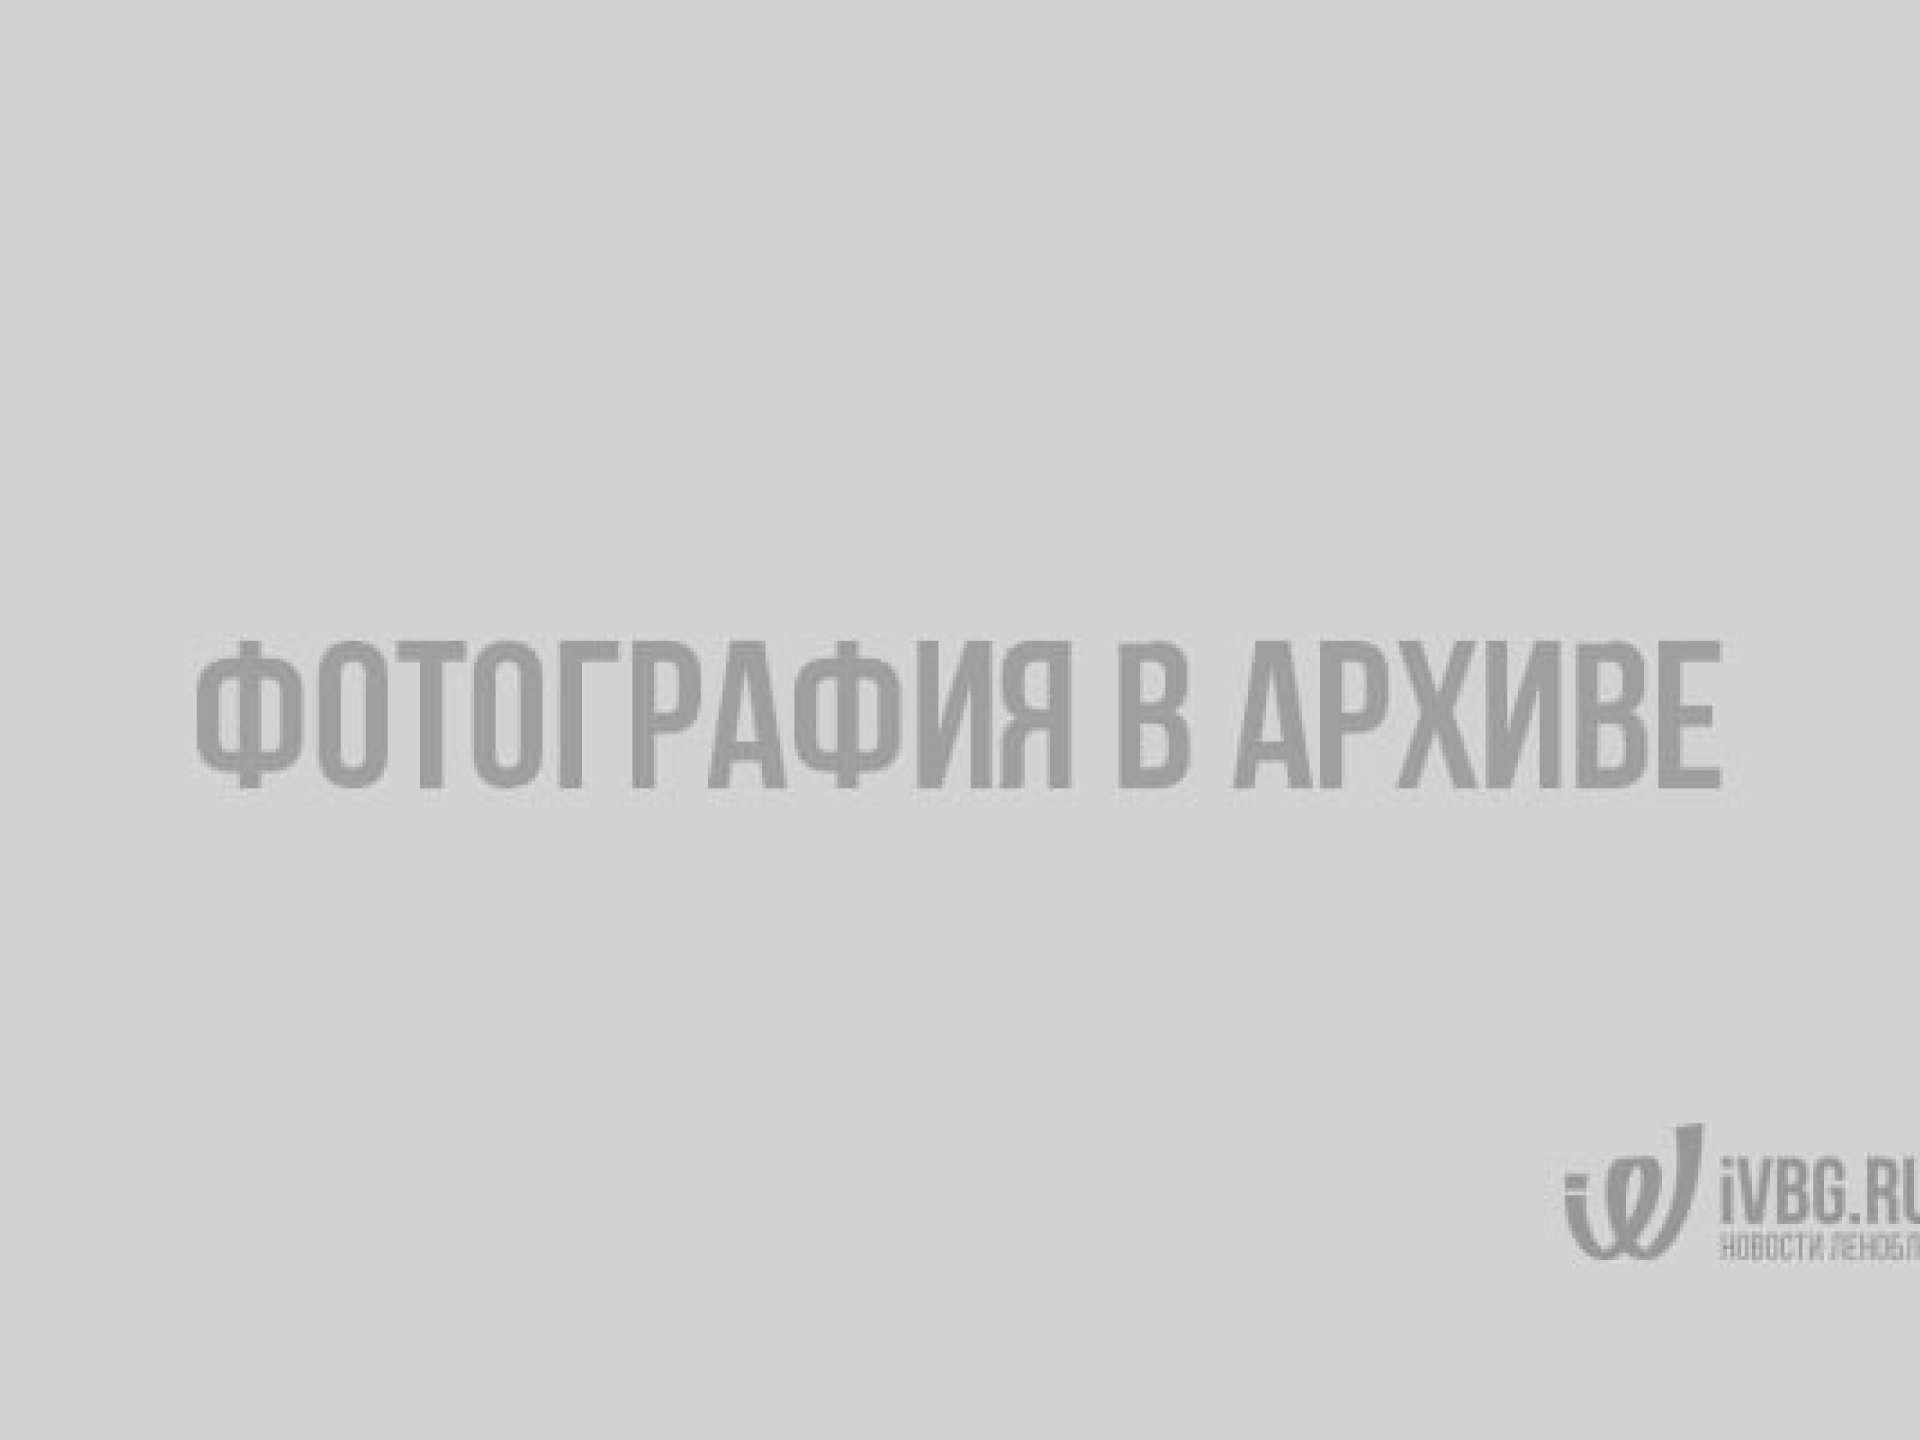 Поисковики нашли останки погибшего красноармейца, сражавшегося под Гатчиной — фото поисковый отряд Искра, останки красноармейца, Ленобласть, Гатчинский район, ВОВ